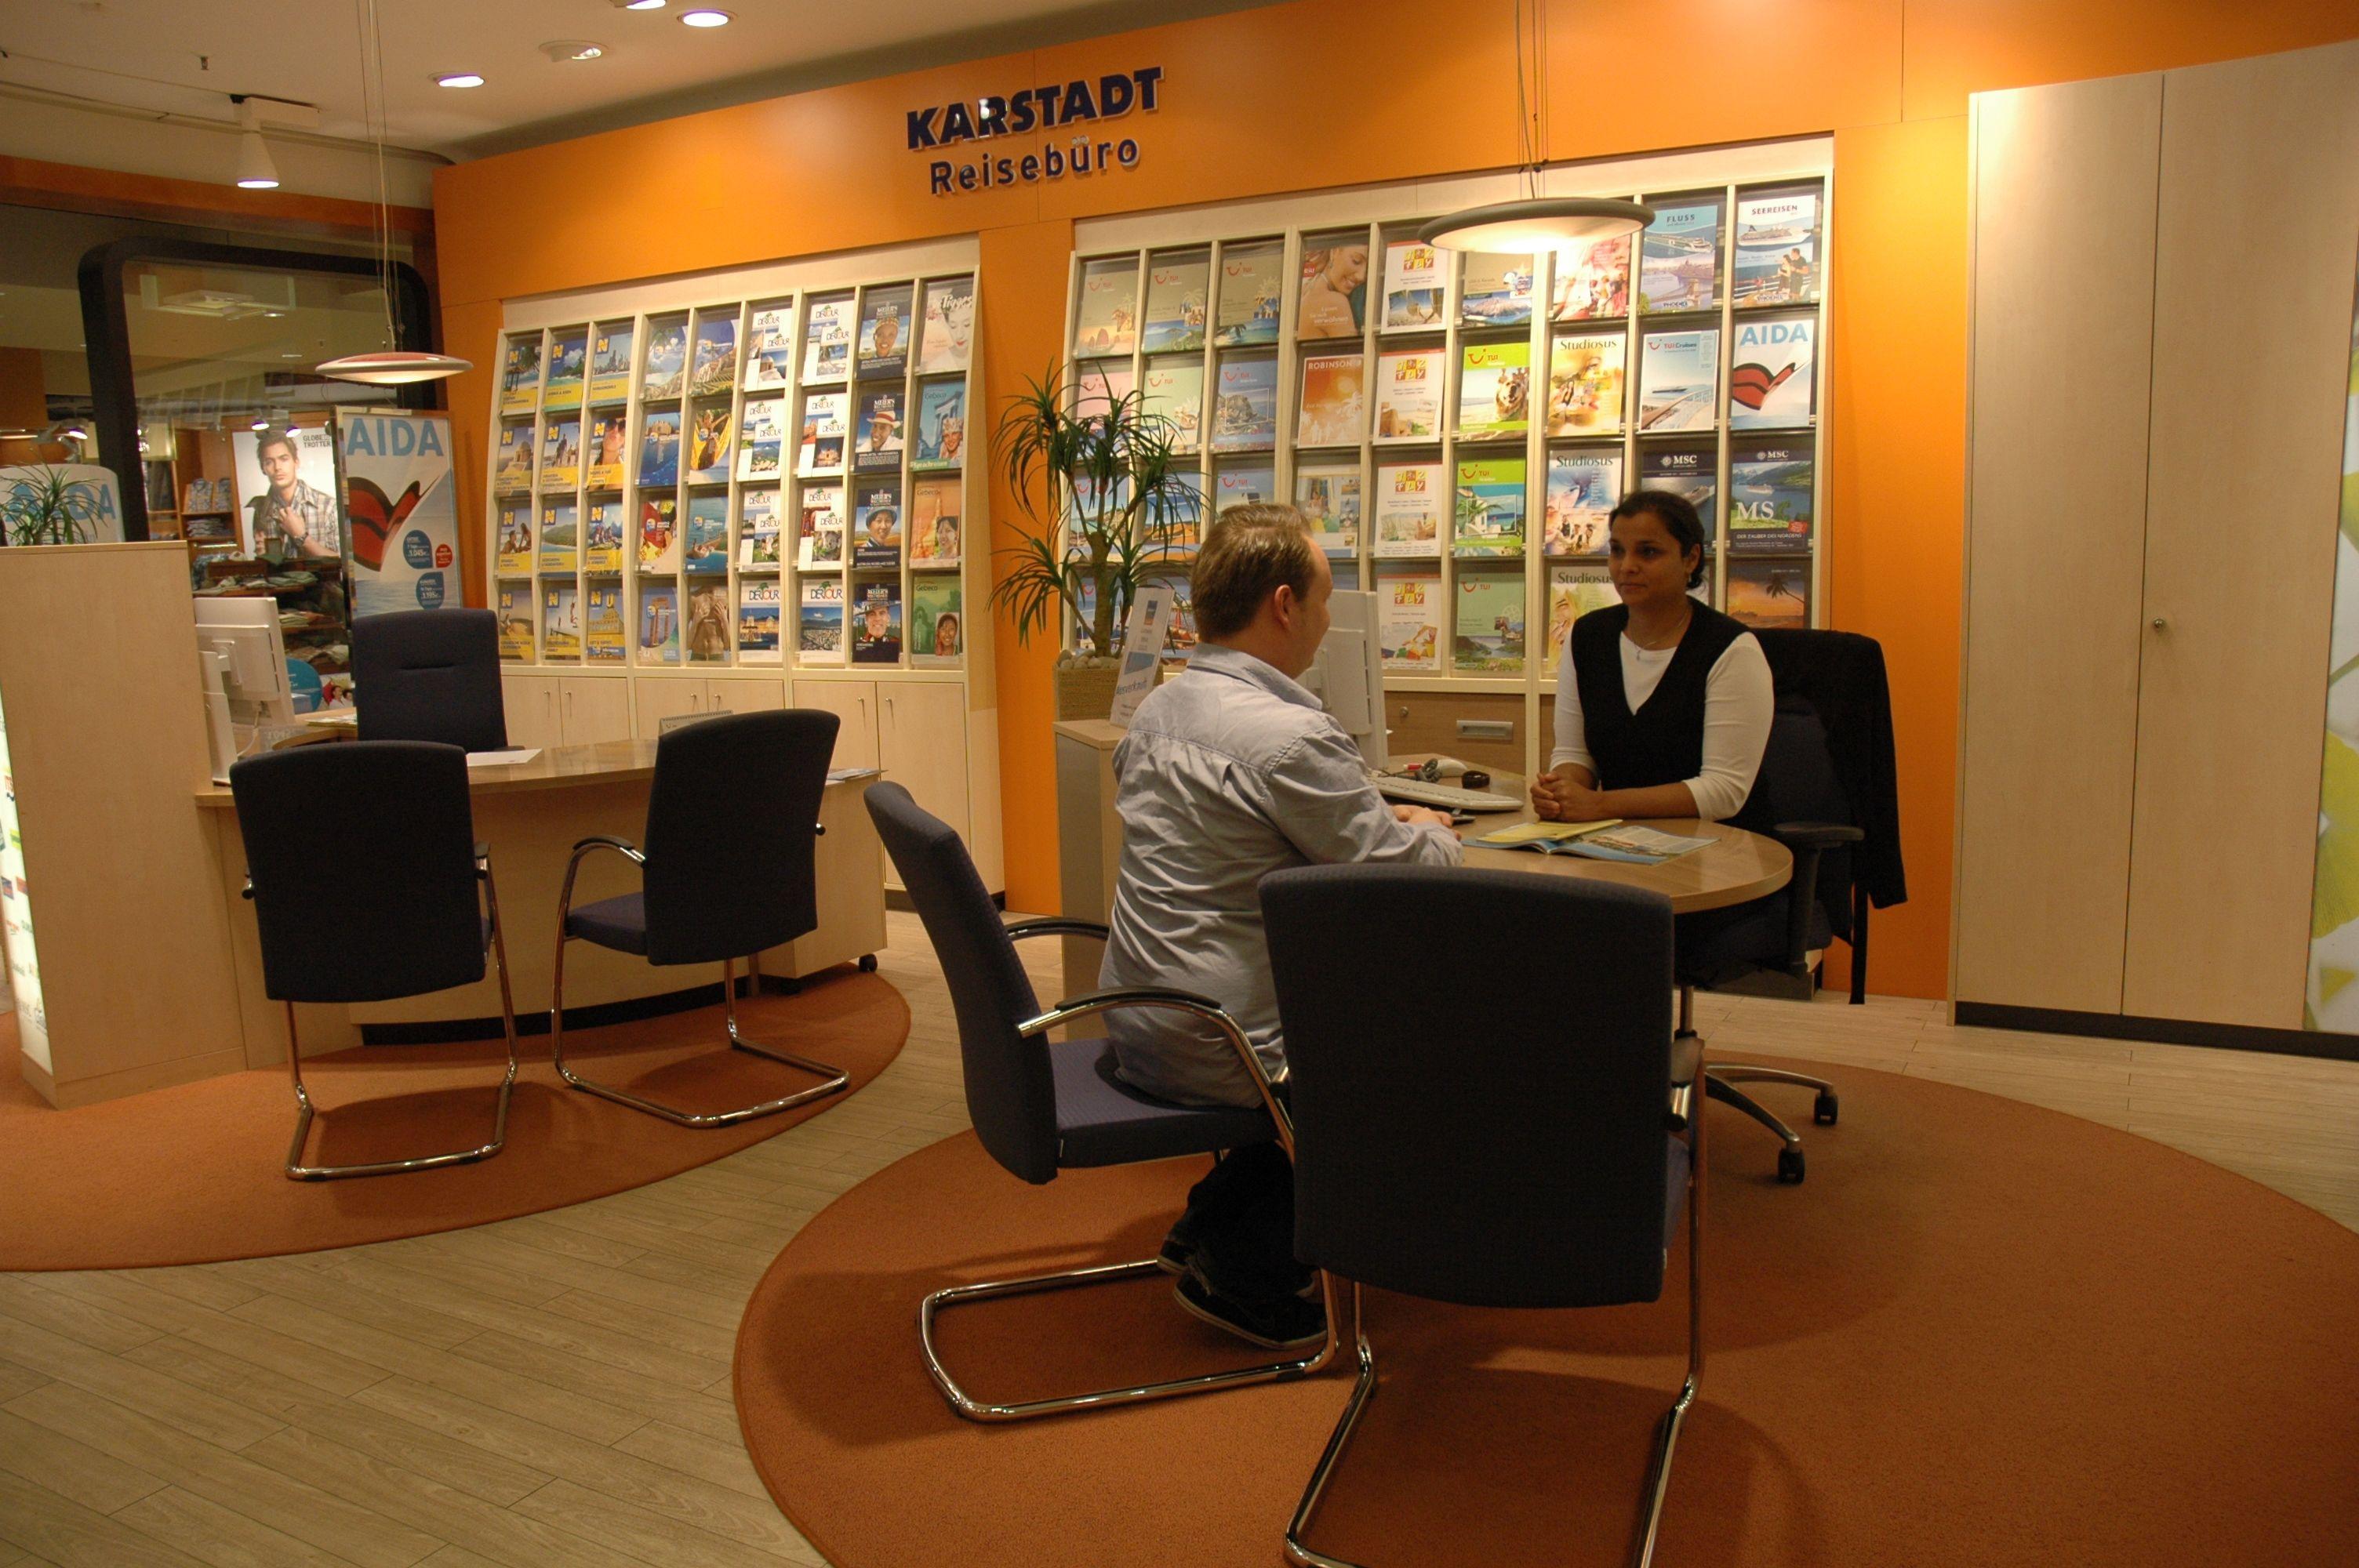 Karstadt Reisebüro RZZ in den Arkaden in Mülheim (Ruhr), Nordrhein-Westfalen